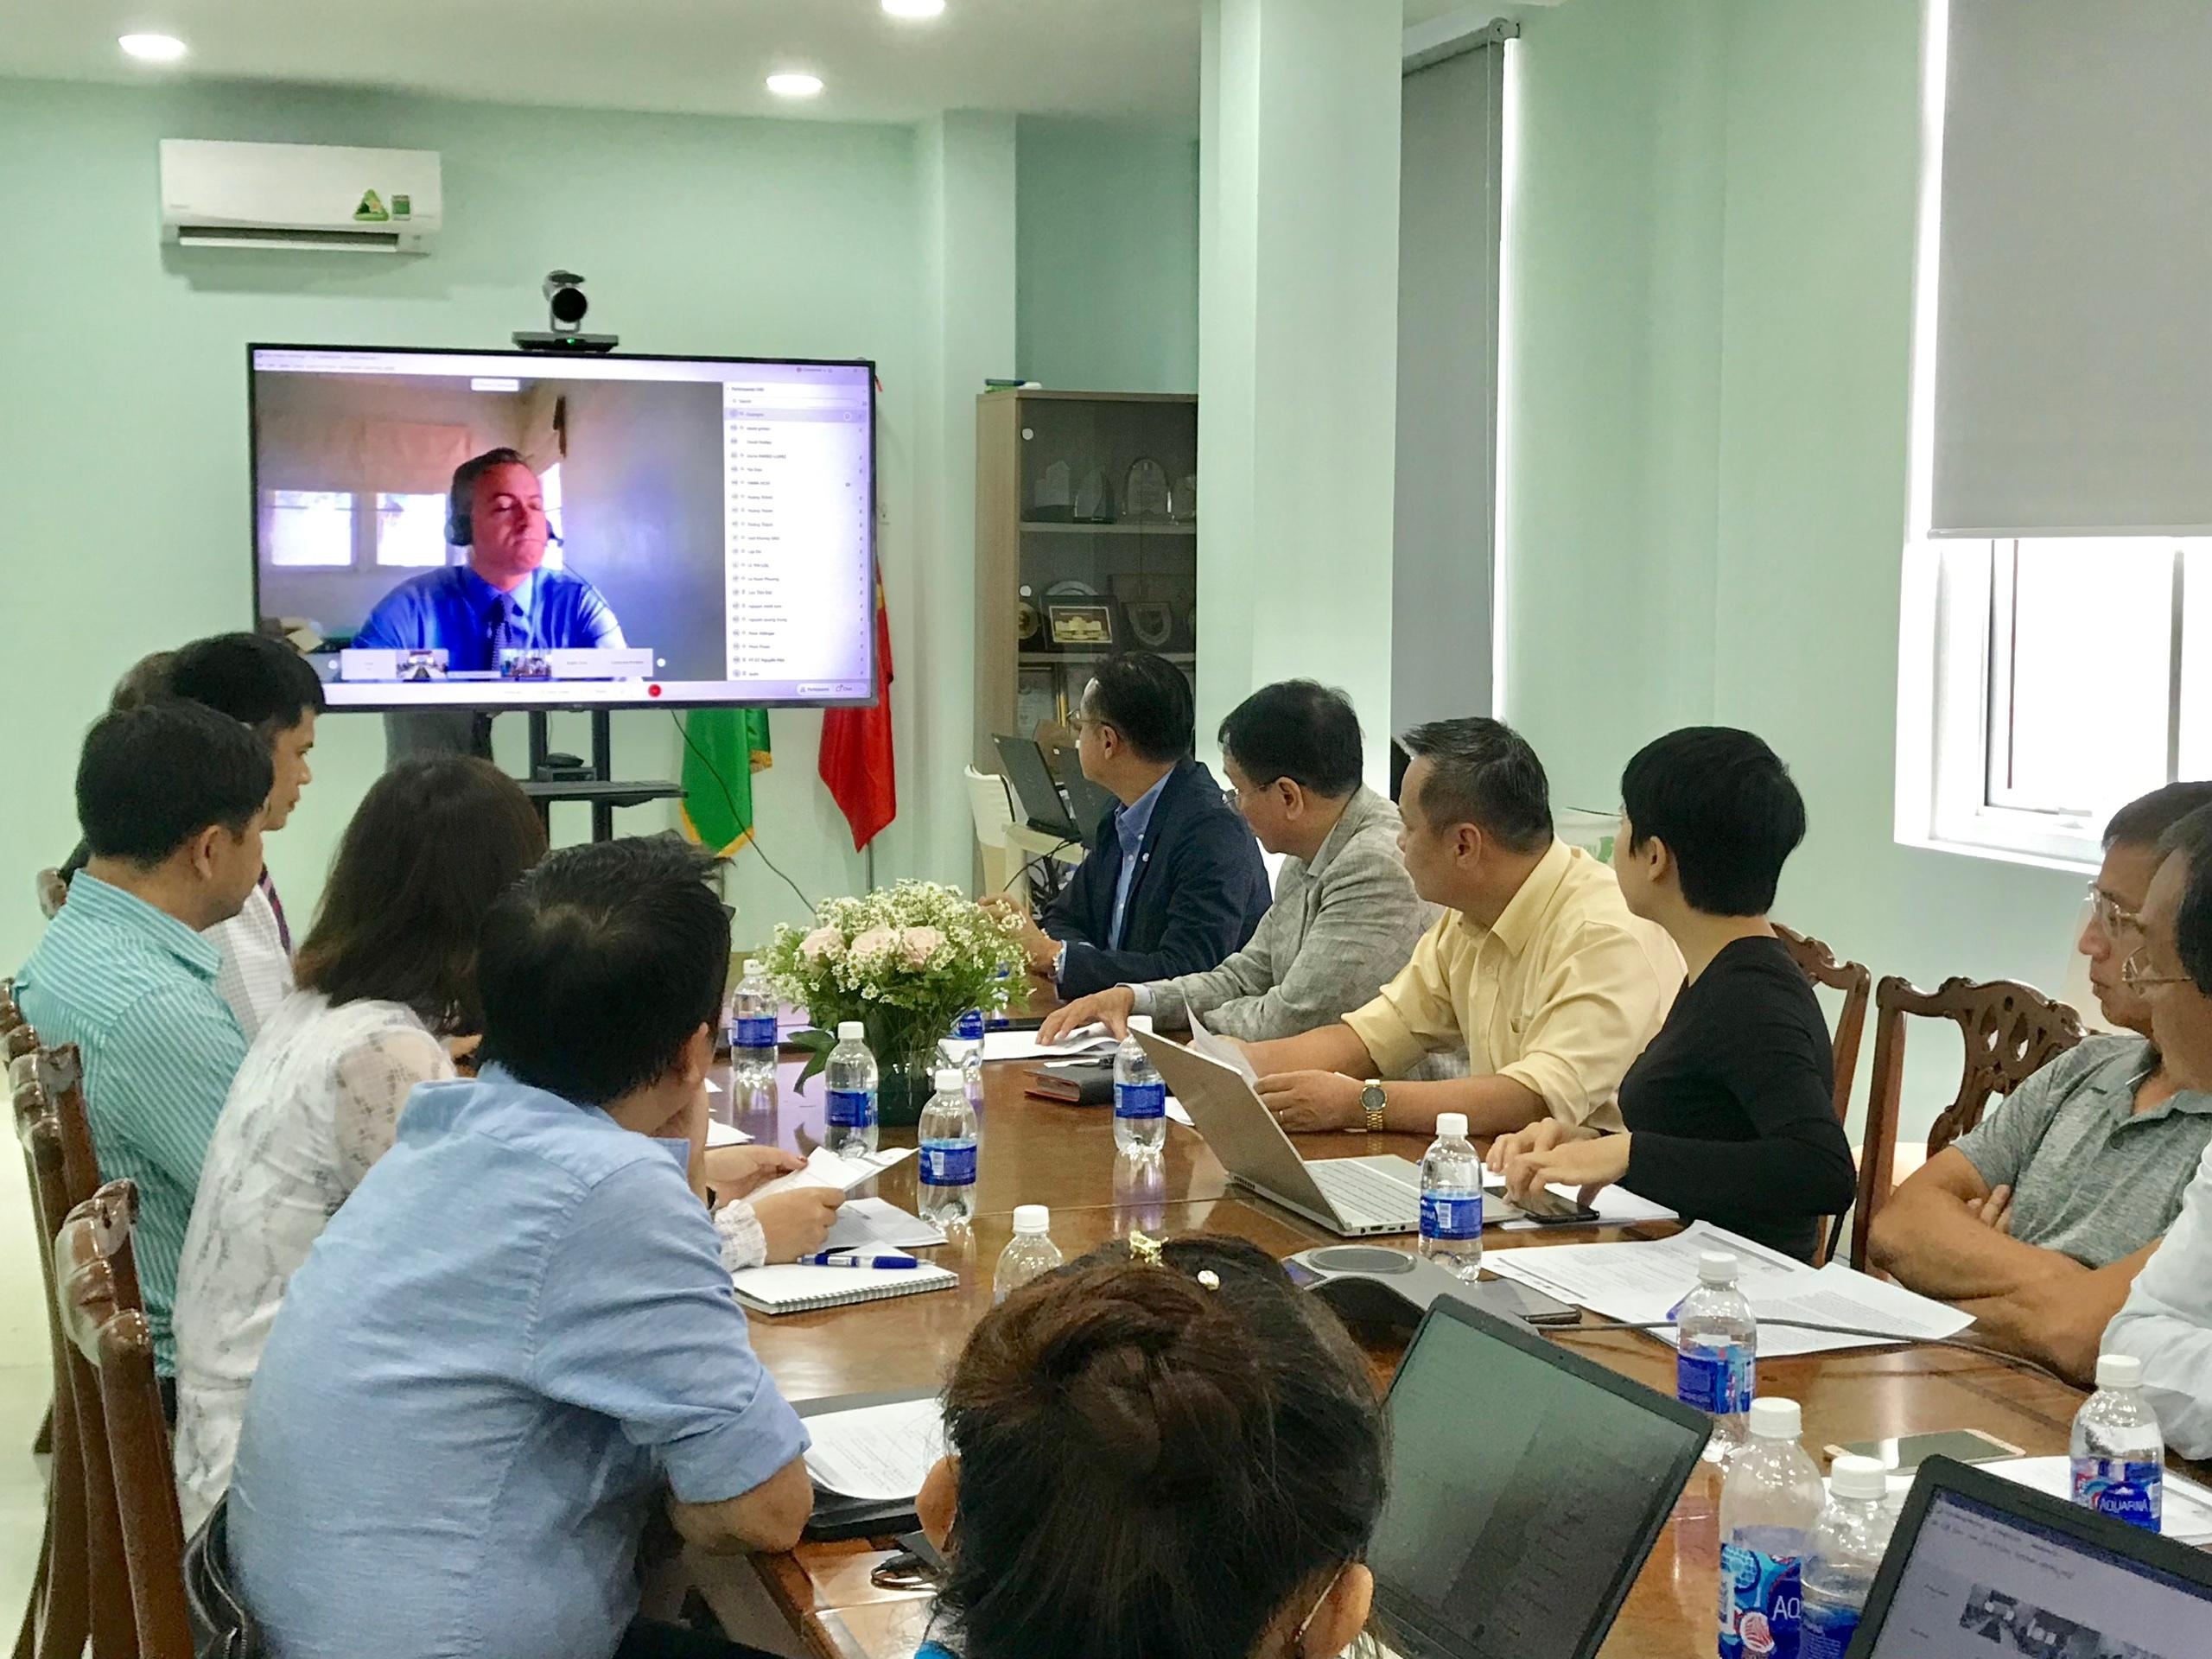 Qui định gỗ hợp pháp của Việt Nam chưa phù hợp yêu cầu của EU - Ảnh 1.